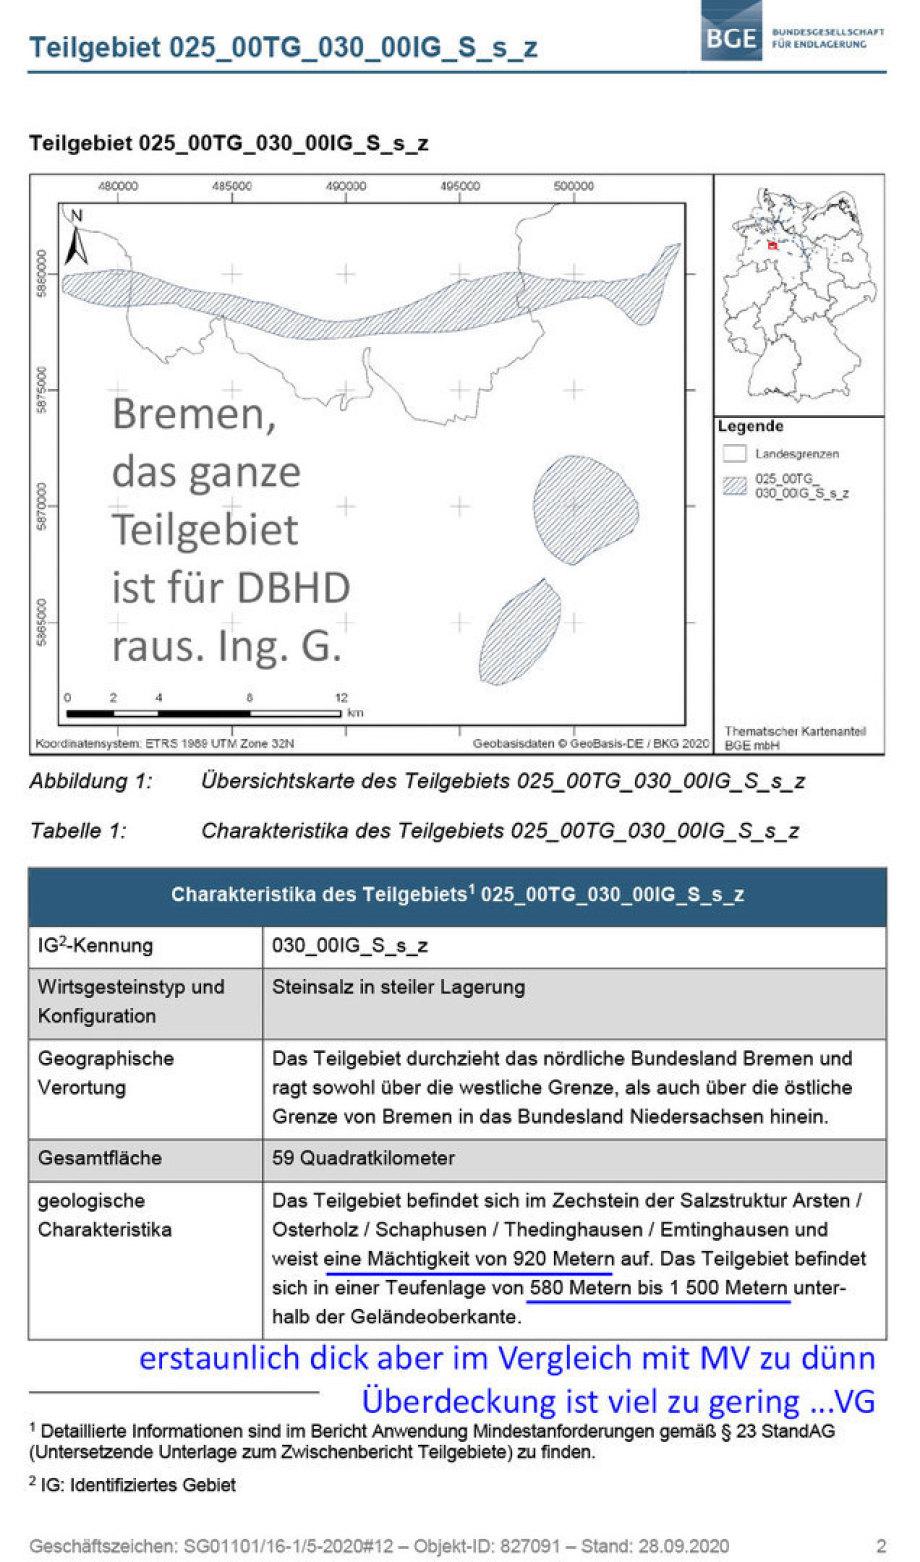 Auswertung_Bremen_kurz_Steckbrief_Teilgebiet_025_00TG_030_00IG_S_s_z-1